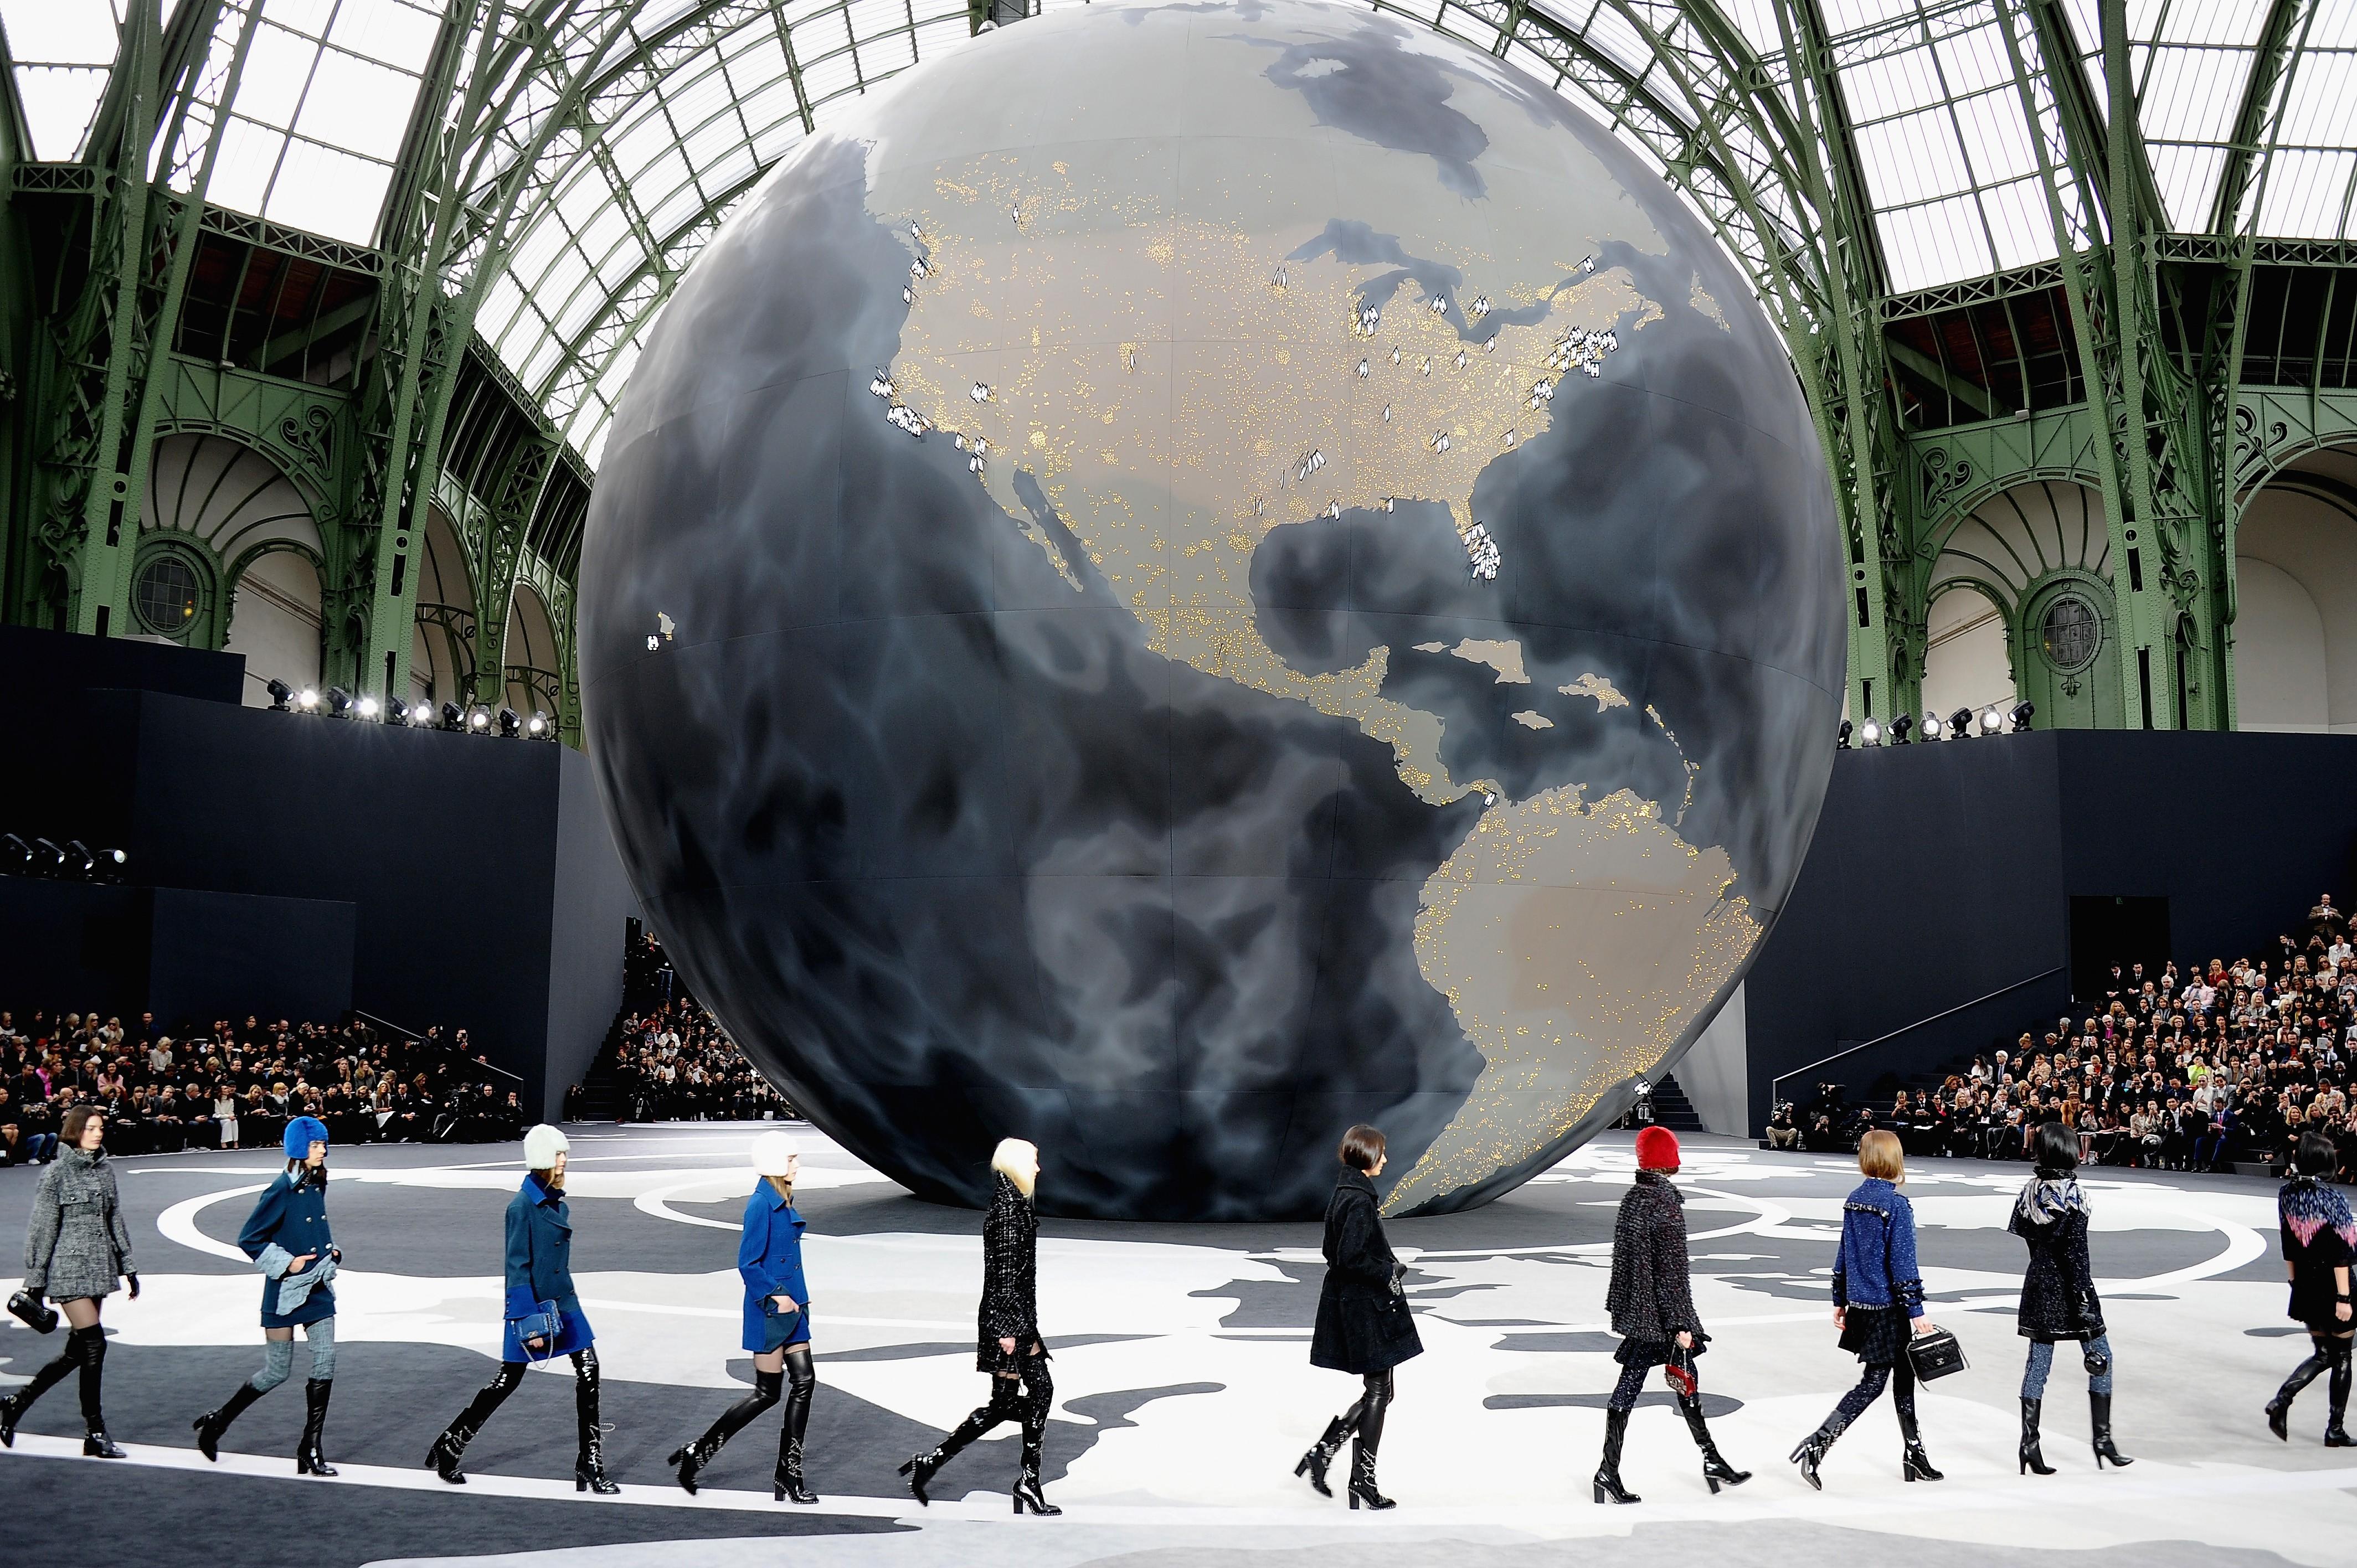 Cenário global do desfile de inverno 2013 da Chanel, no Grand Palais (Foto: Getty Images)